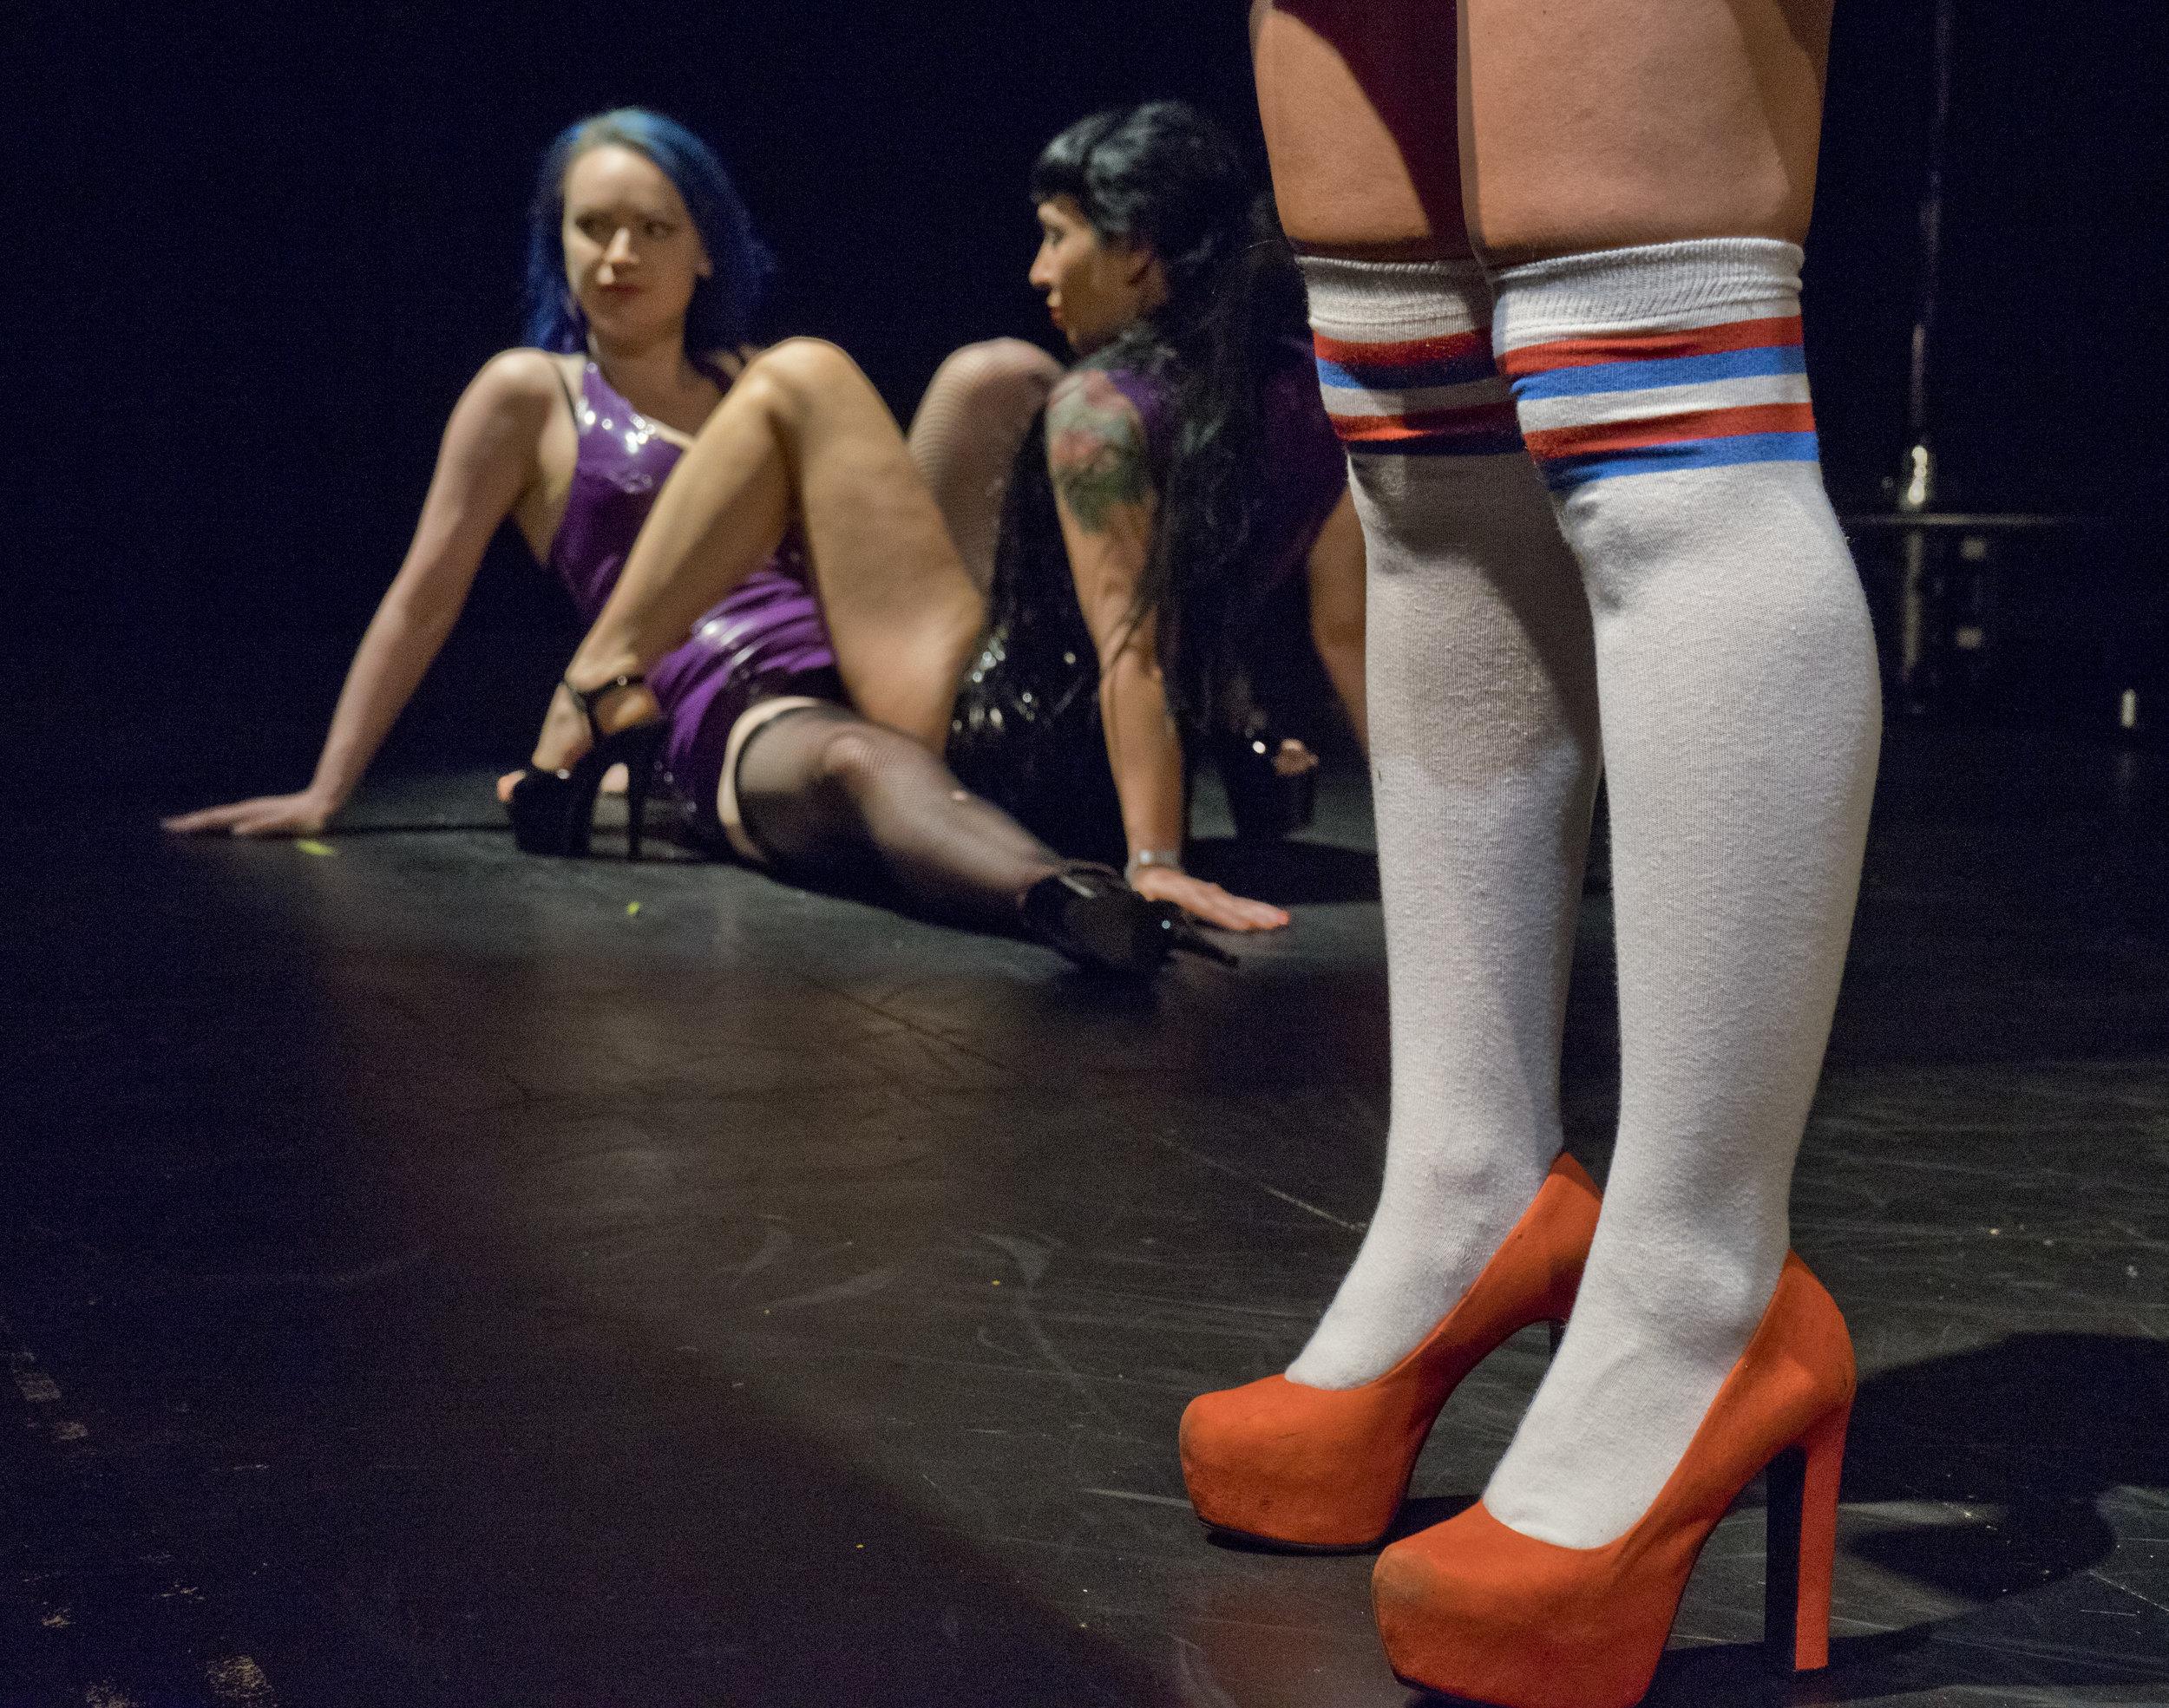 Sex Worker's Opera 8 - photo by Julio Etchart.jpg